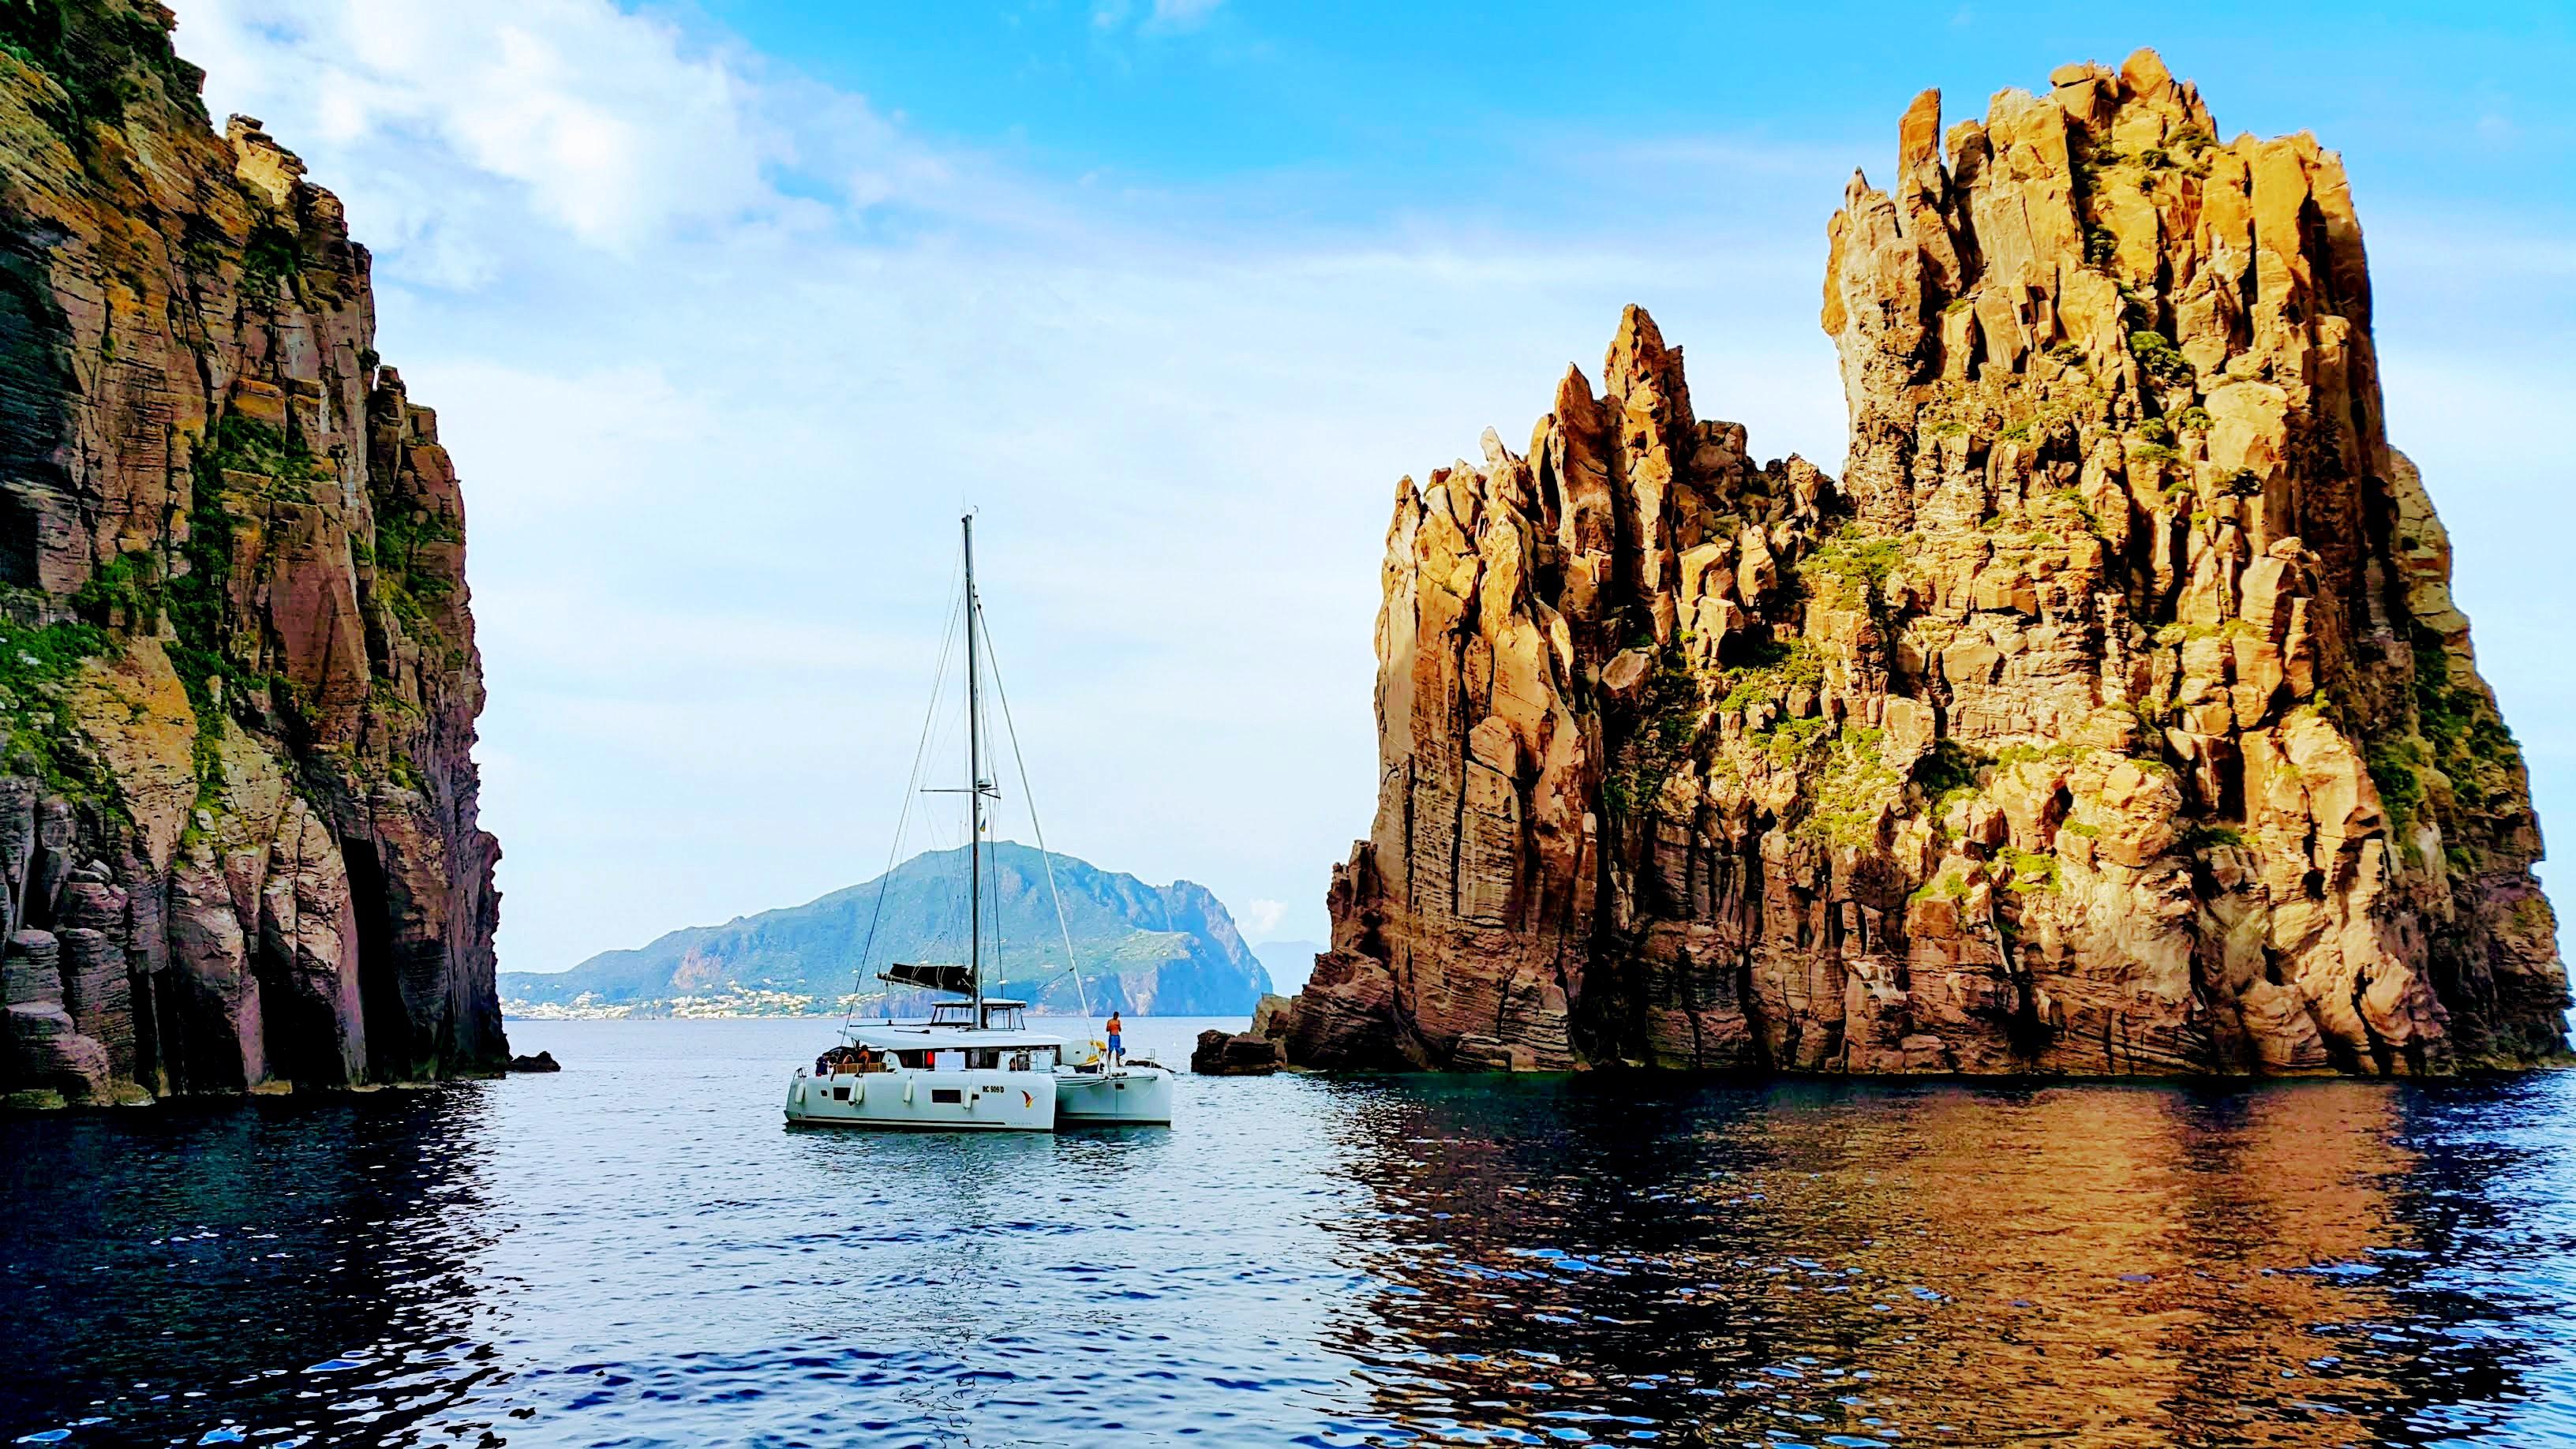 Италия.Острова Липари. Царство вулканов.